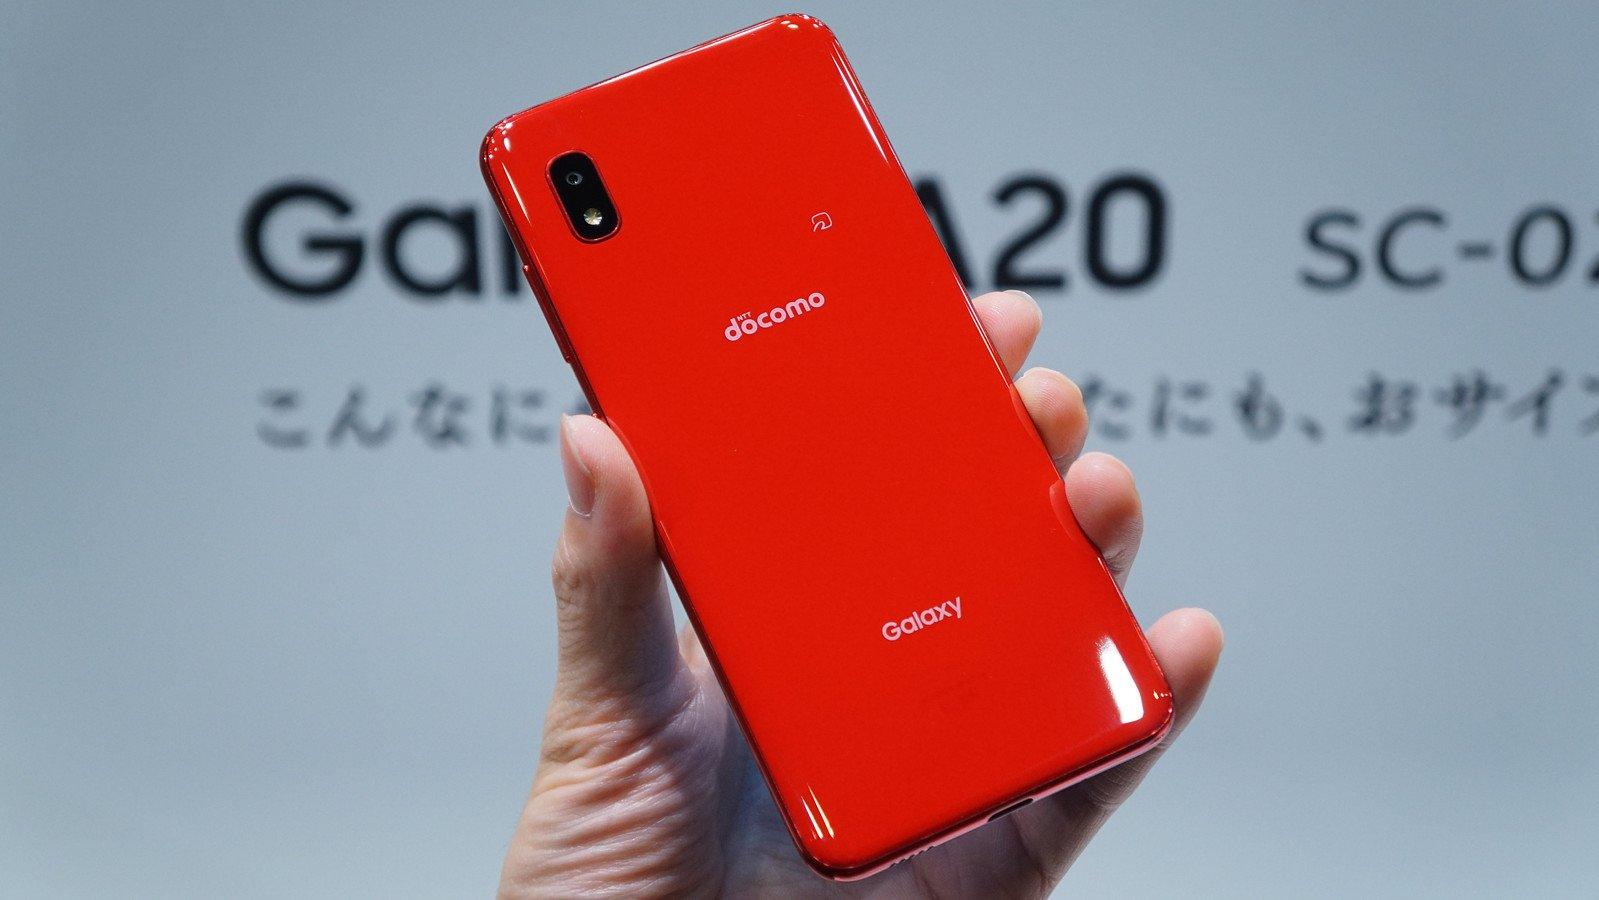 ドコモ、旧機種を大幅割引き。「Galaxy A20」は一括0.7万円に